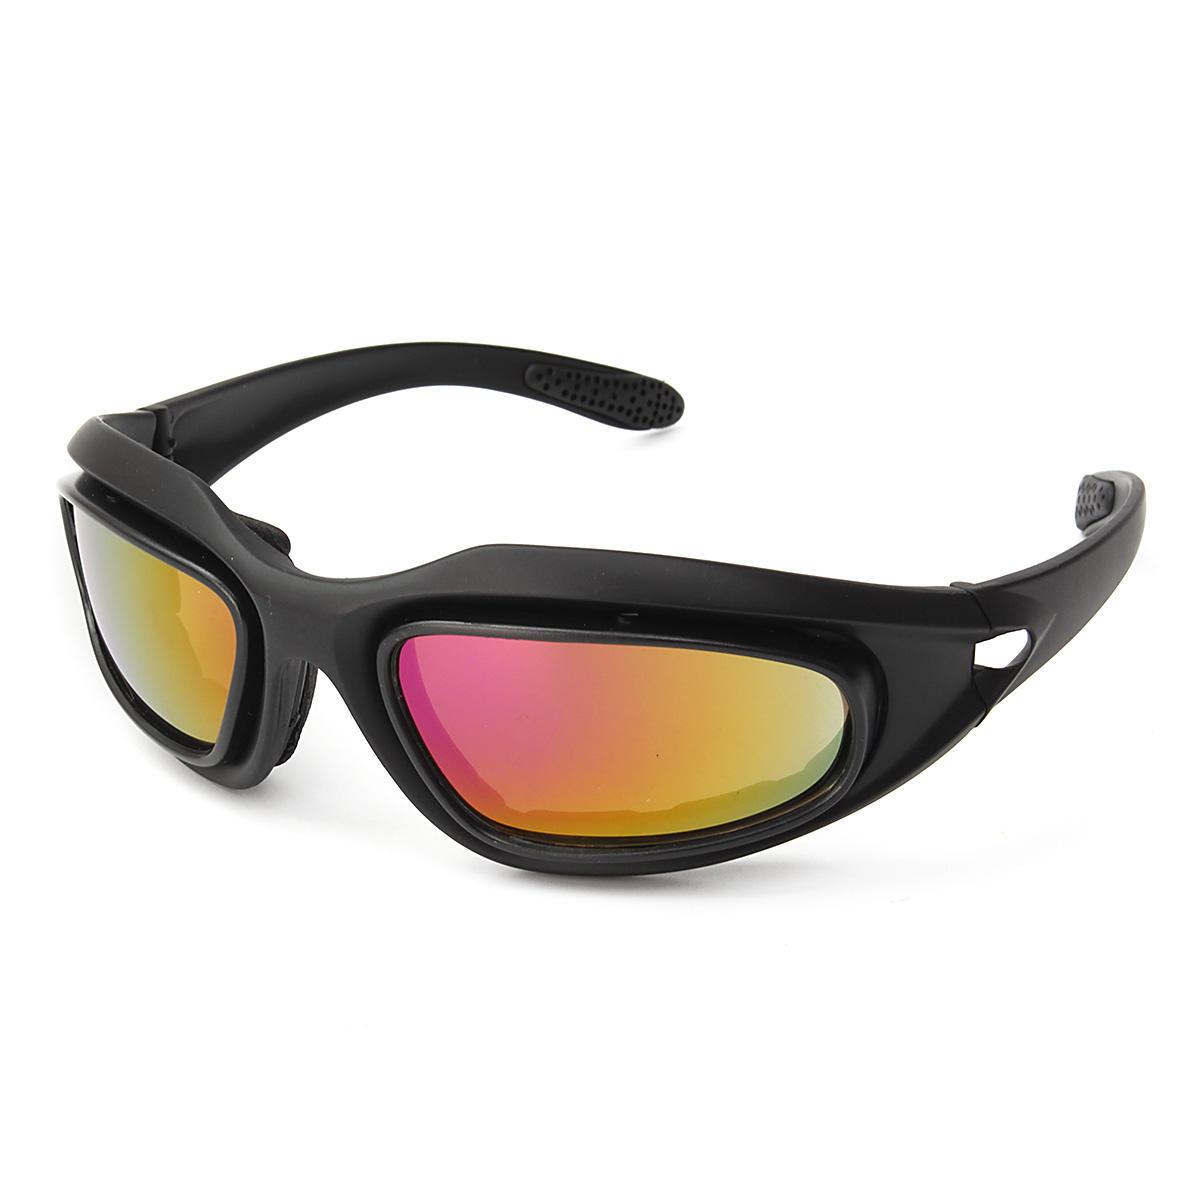 dc0b8eb38 Homens Mulheres UV400 Óculos De Sol Da Motocicleta De Condução Óculos Óculos  De Equitação Esportes Com